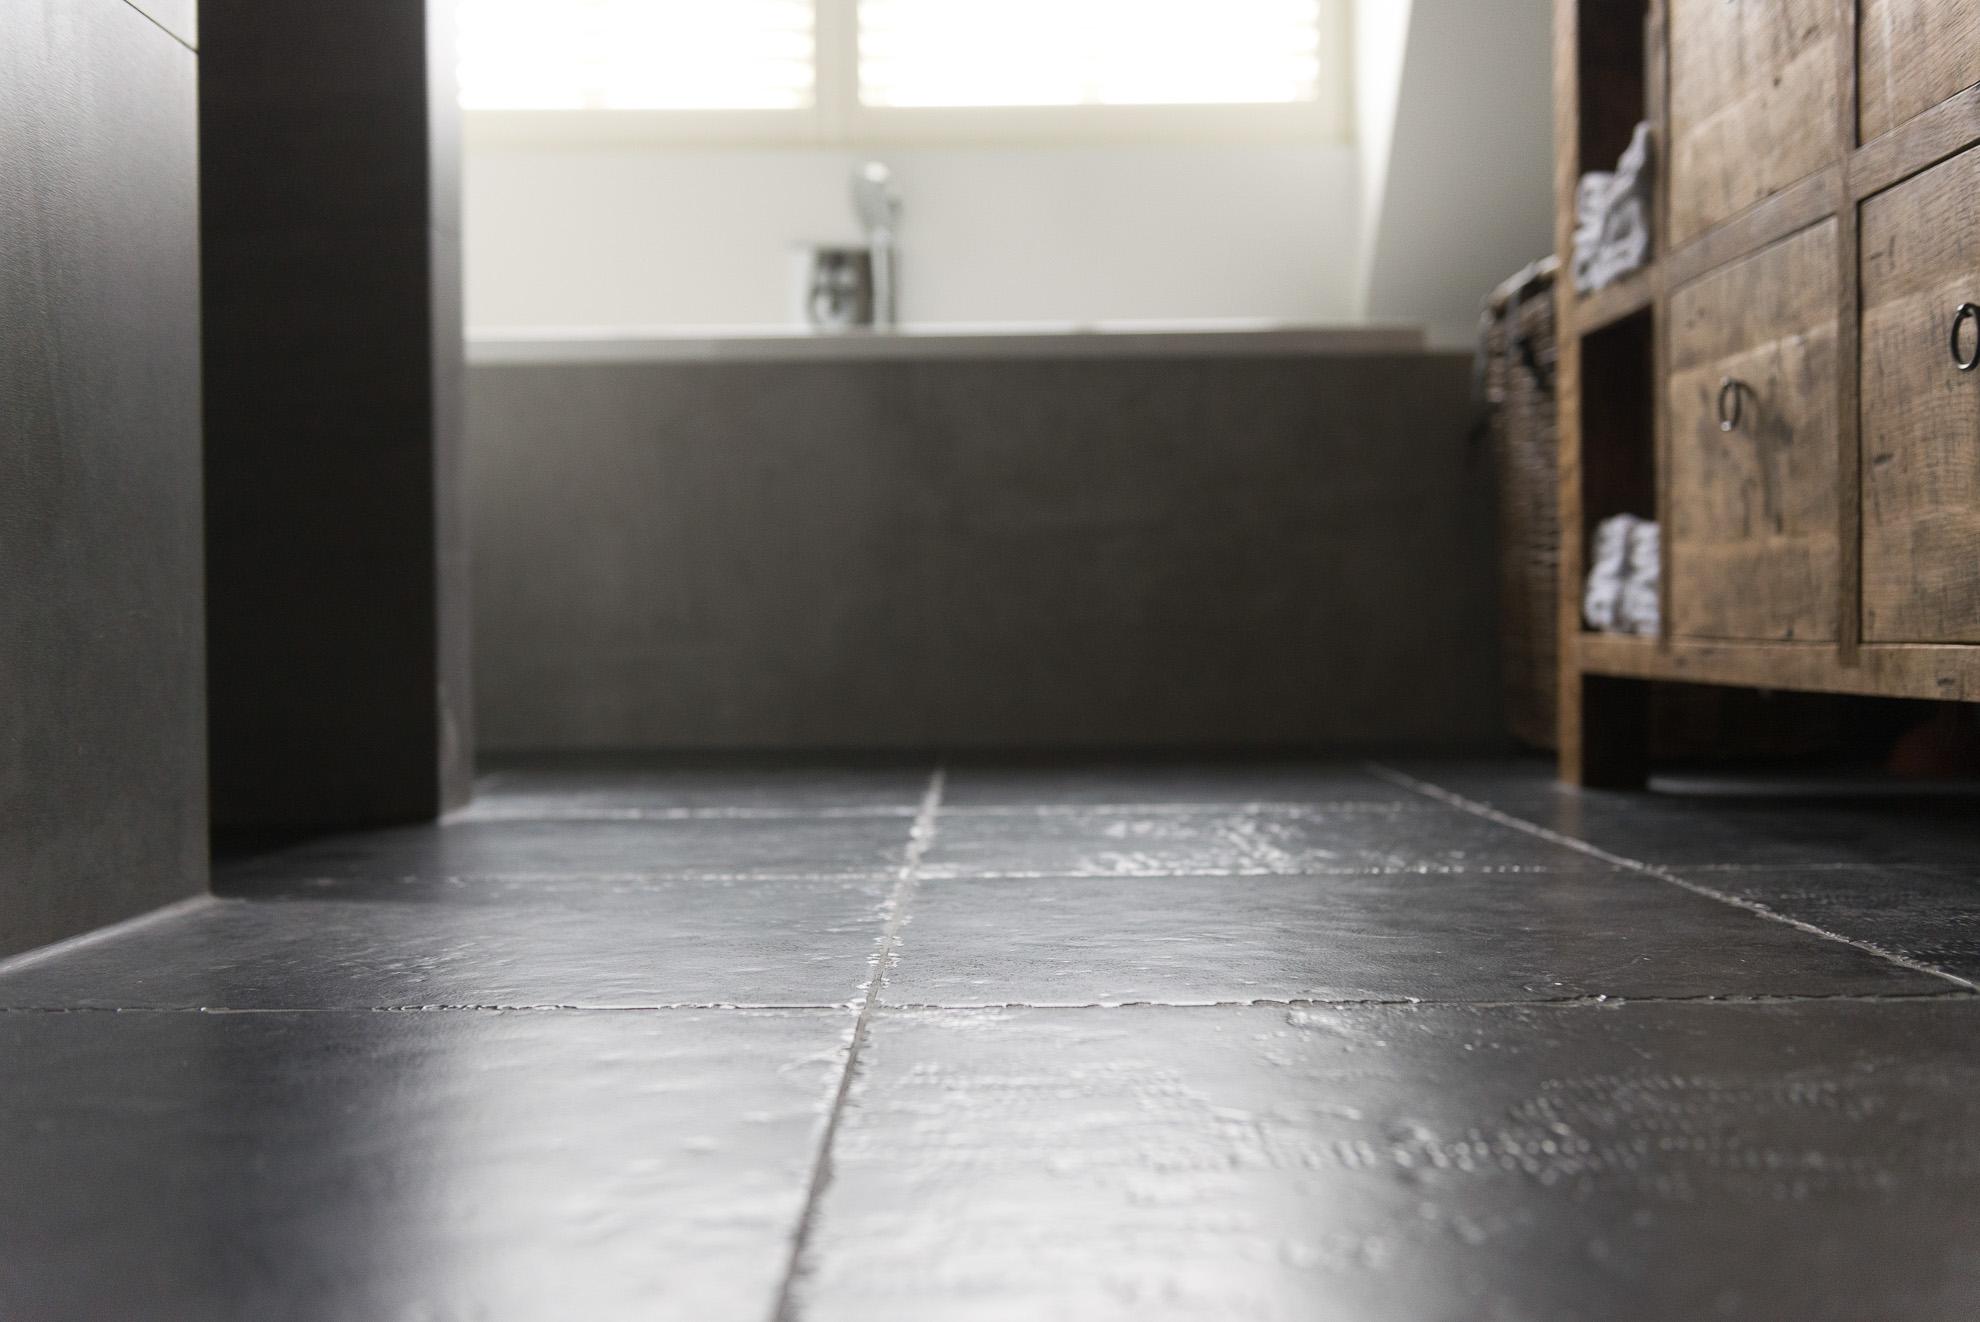 Betonlook Tegels Badkamer : Betonlook tegels badkamer nijkerk ouwendorp tegels